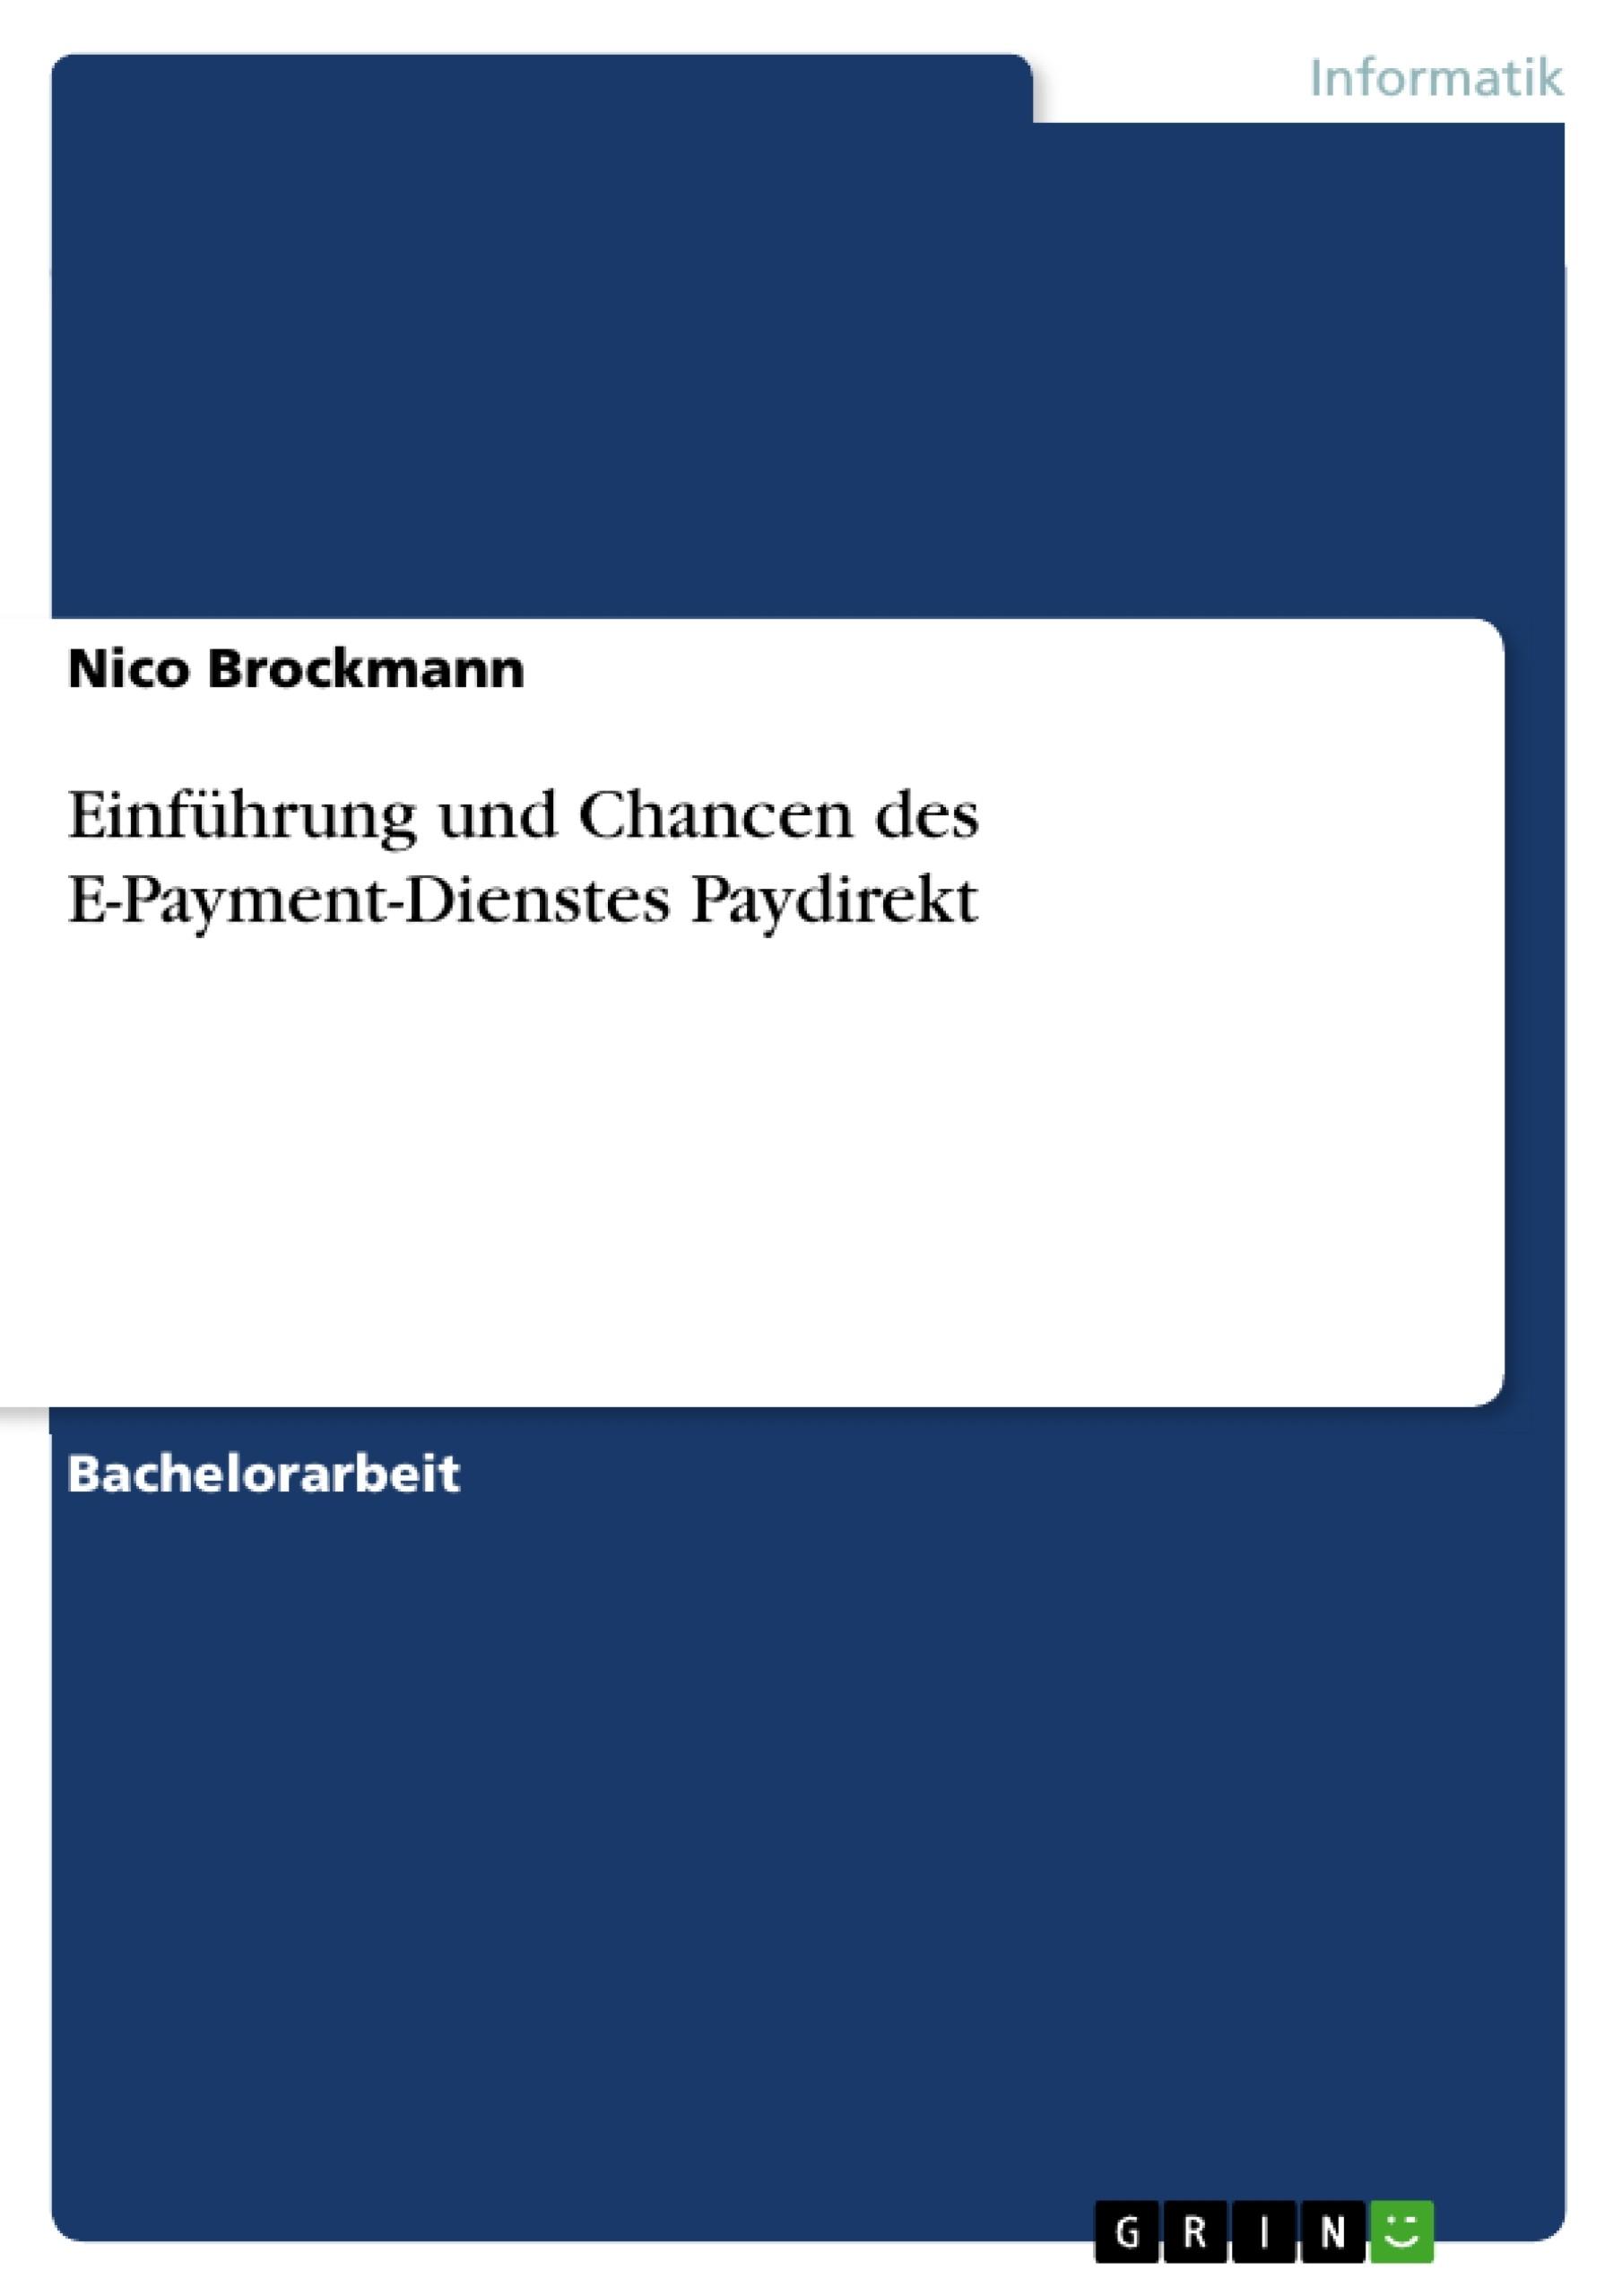 Titel: Einführung und Chancen des E-Payment-Dienstes Paydirekt